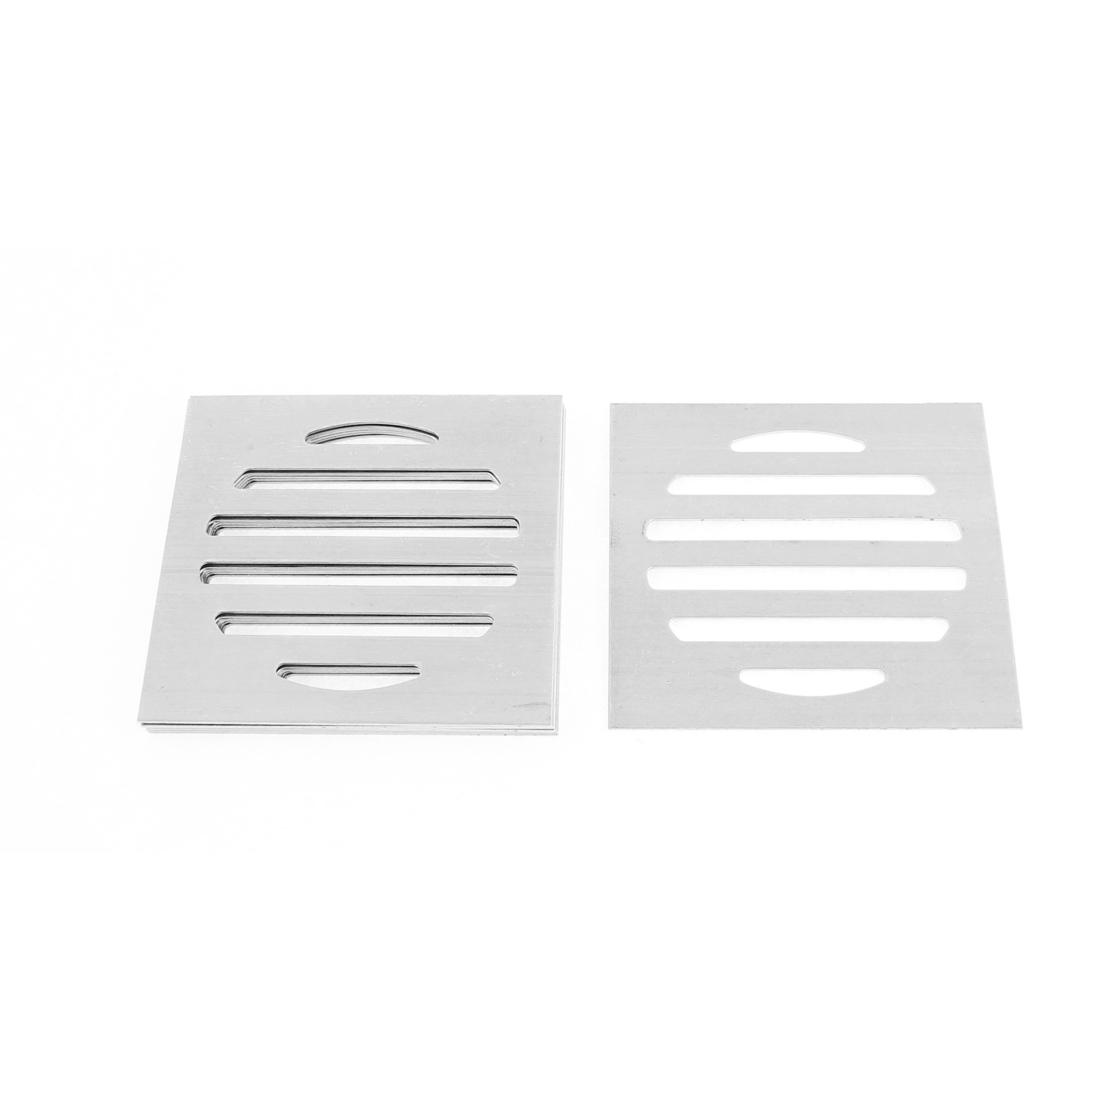 Kitchen Bathroom Square Floor Drain Drainer Cover 7.5cm x 7.5cm 8Pcs